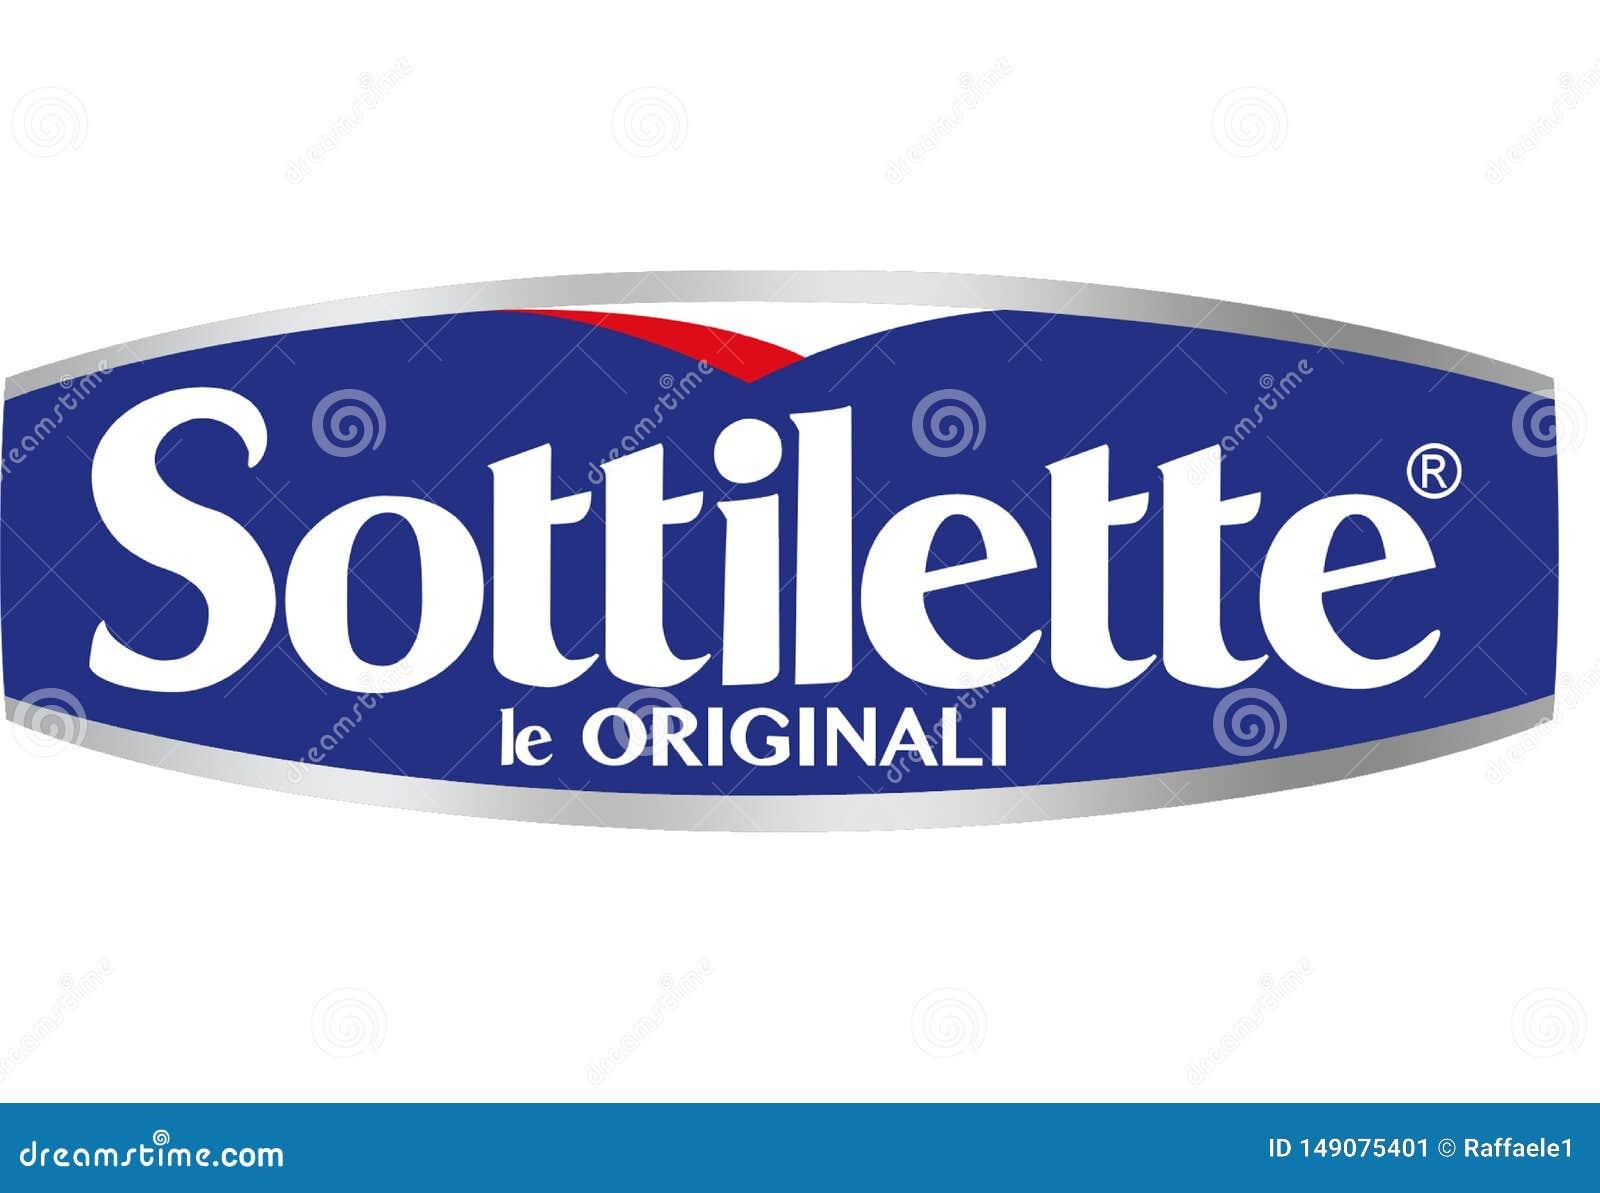 Sottilette Kraft logo